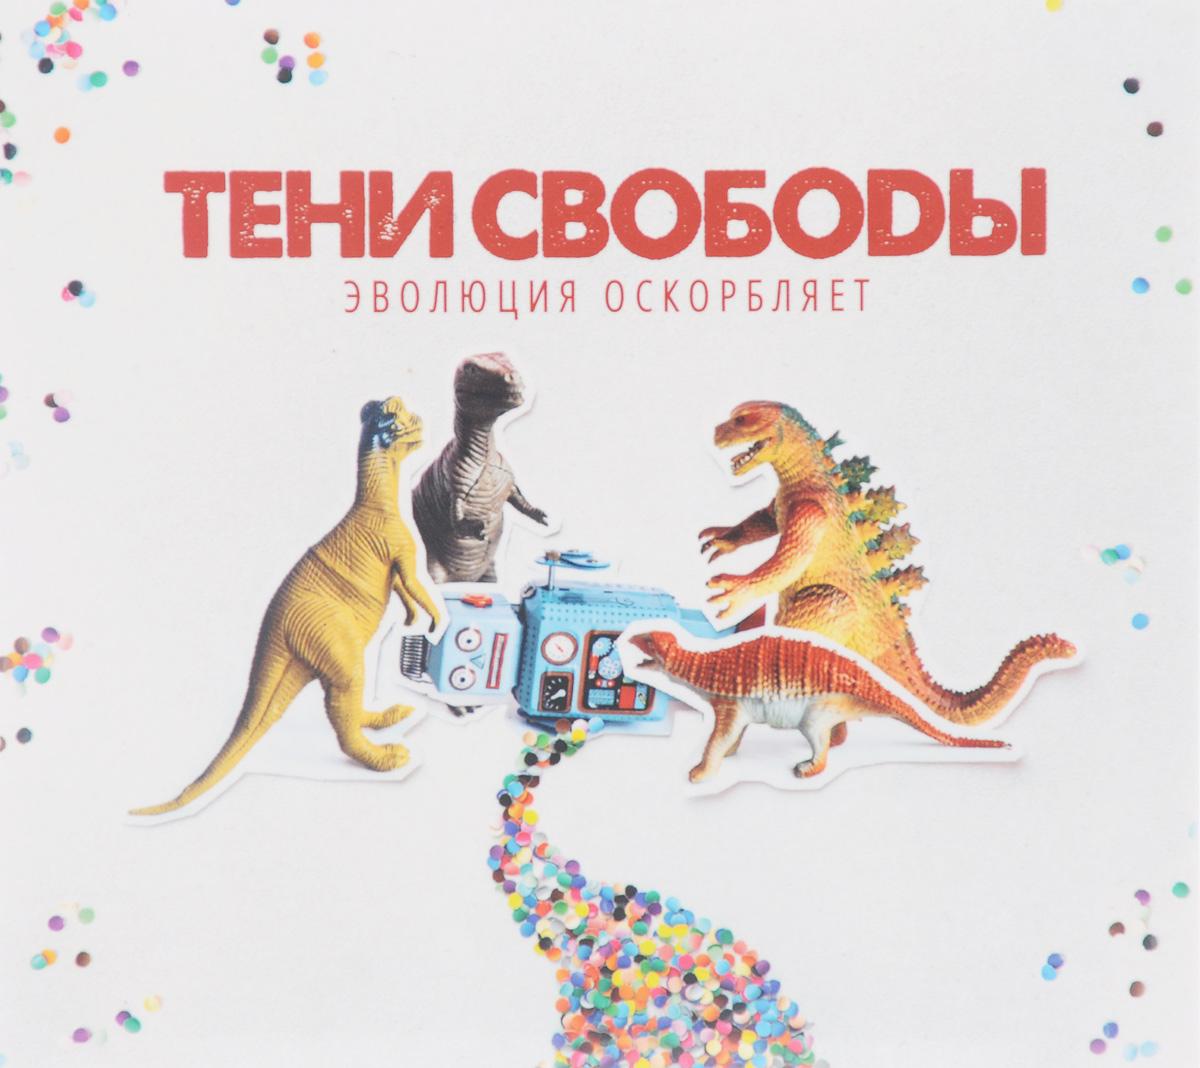 Издание содержит 12-страничный буклет с текстами песен и дополнительной информацией на русском языке.